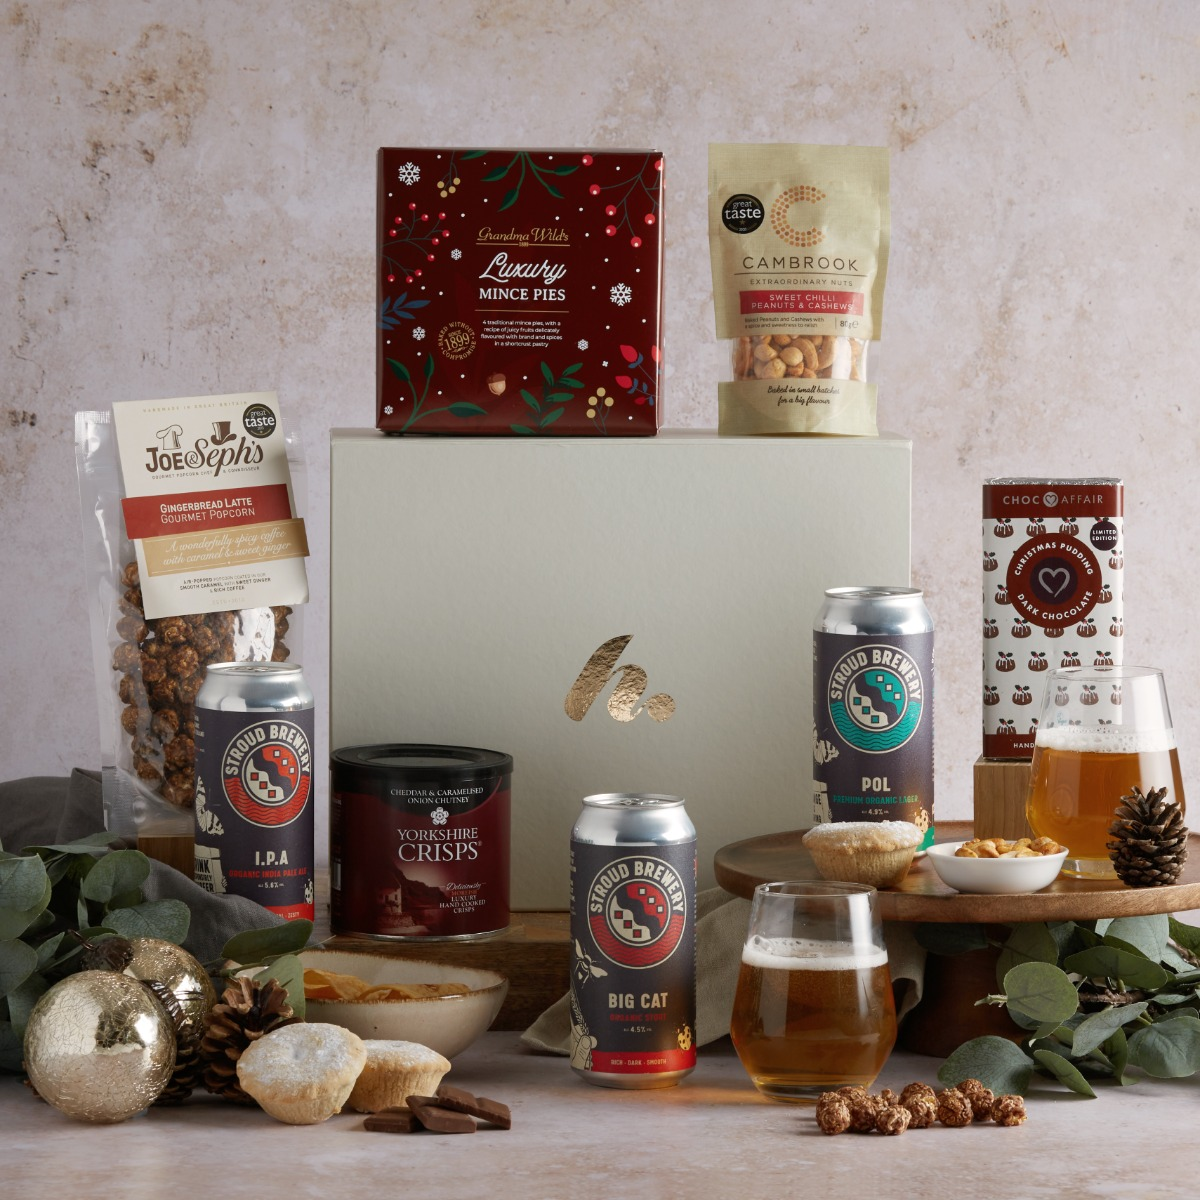 Festive Beer Hamper Free UK Delivery hampers.com Hampers.com